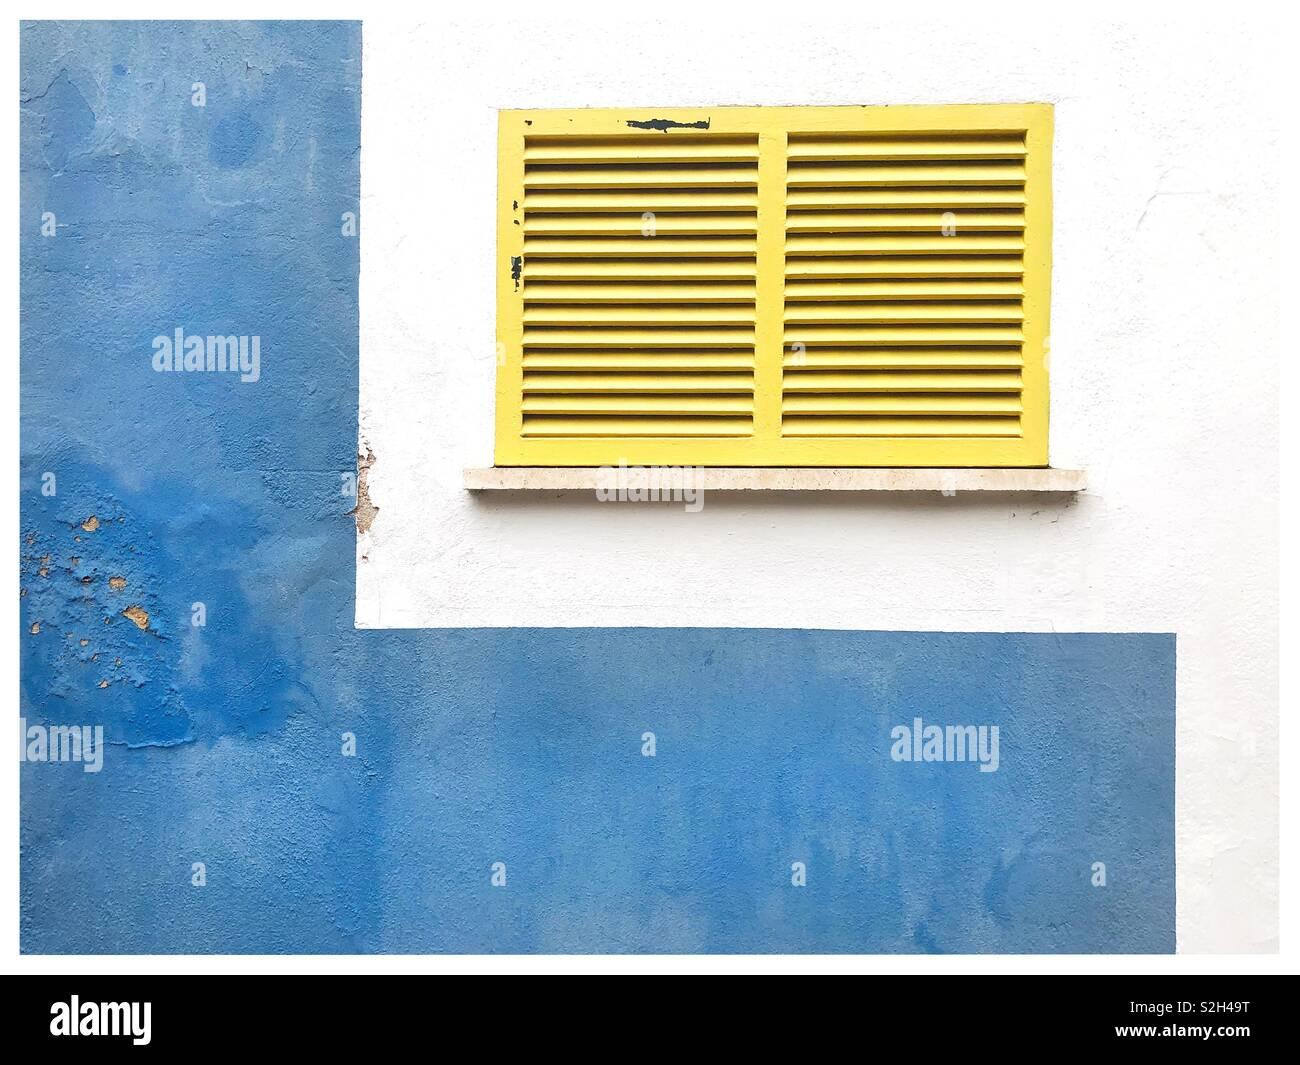 Volets jaune sur une fenêtre entourée d'un mur peint en bleu un blanc Photo Stock